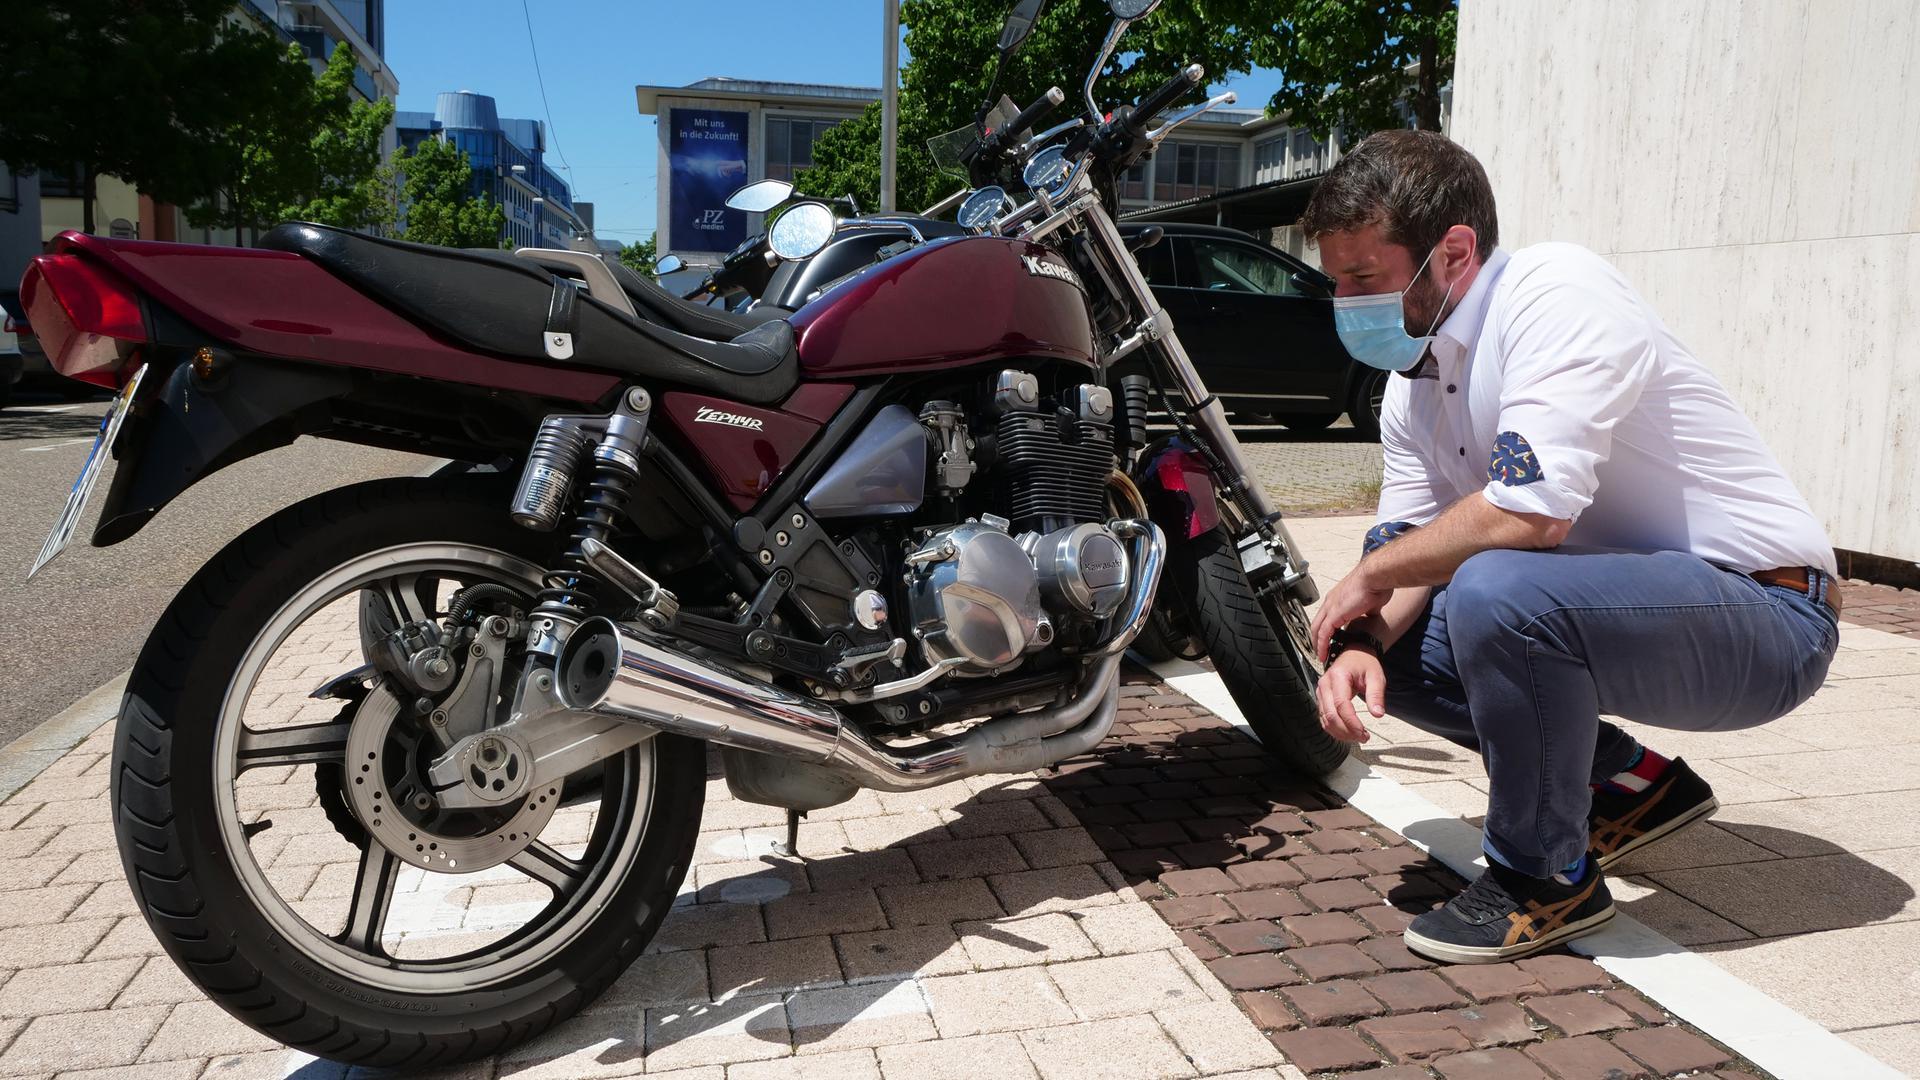 Jedes Motorrad sollte nach der Winterpause erst einmal gründlich durchgecheckt werden, bevor es auf die Strecke geht, mahnt Christian Schulze vom Polizeipräsidium Pforzheim